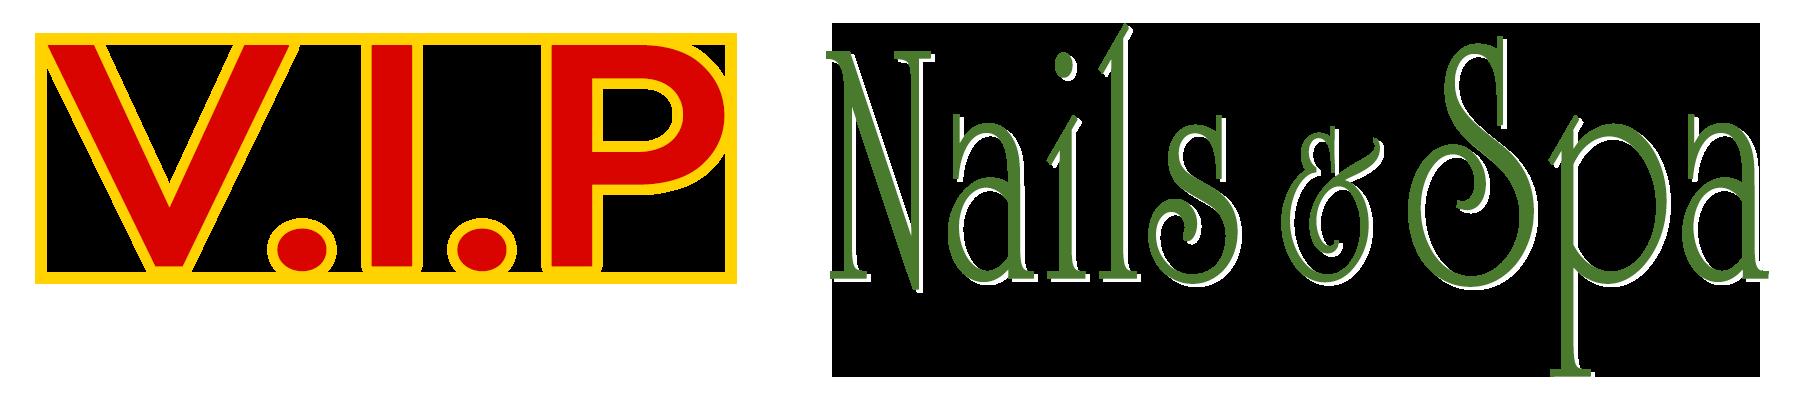 VIP Nails & Spa - What is a European style facial? - Nail salon 93534